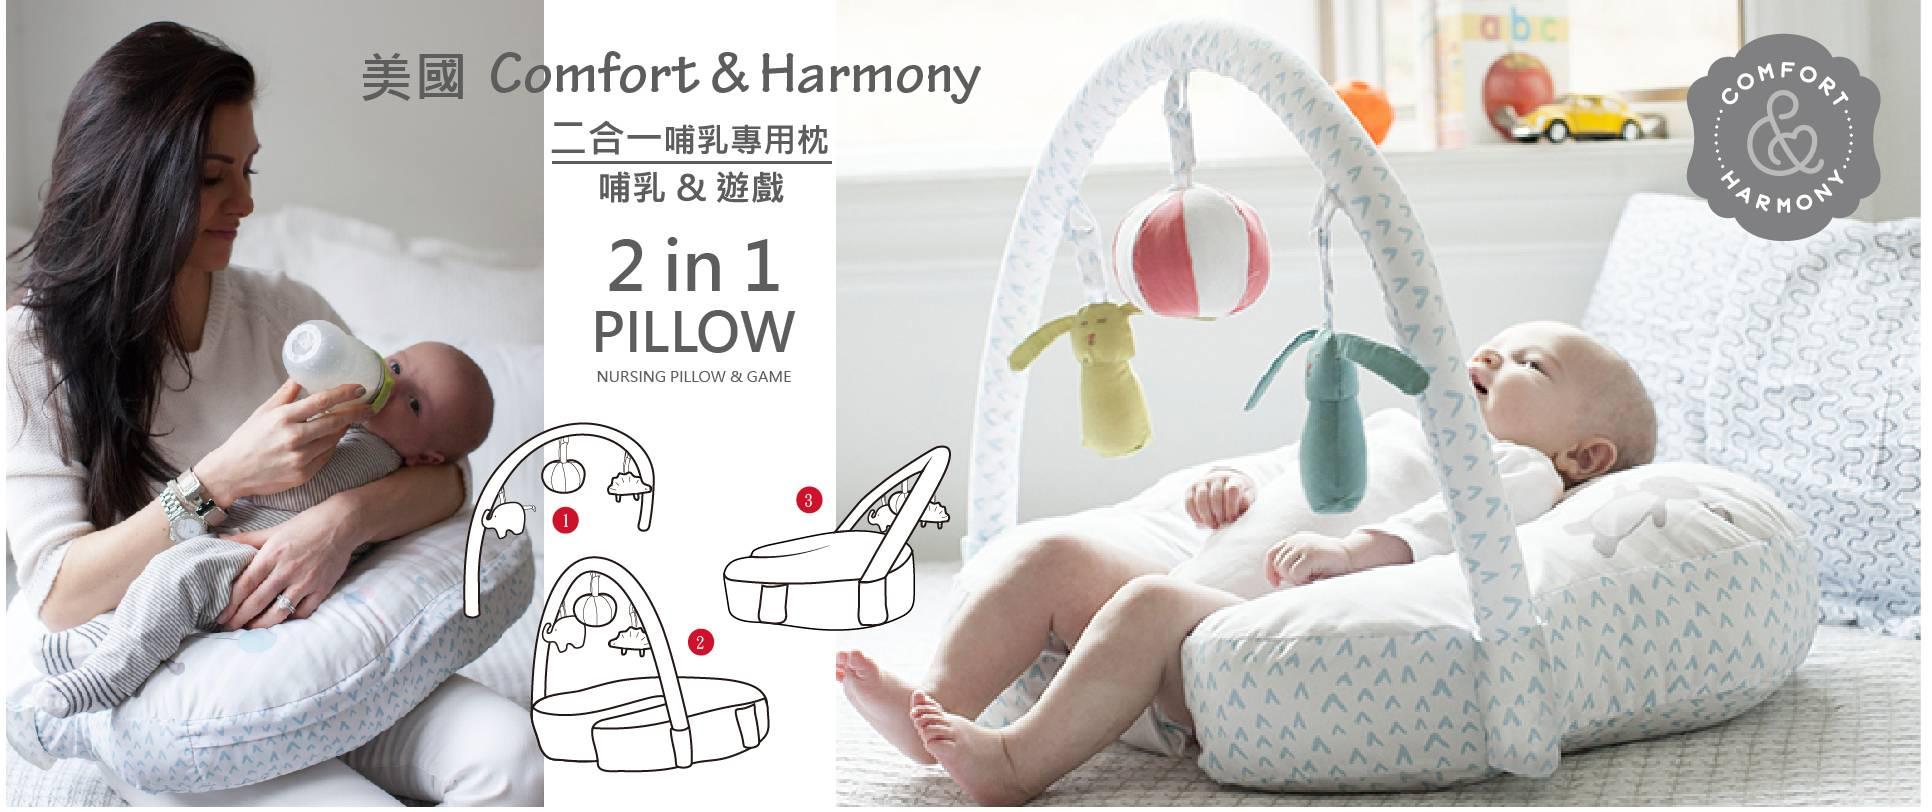 酷貝比嬰兒用品官網BN哺乳枕玩具架2合一